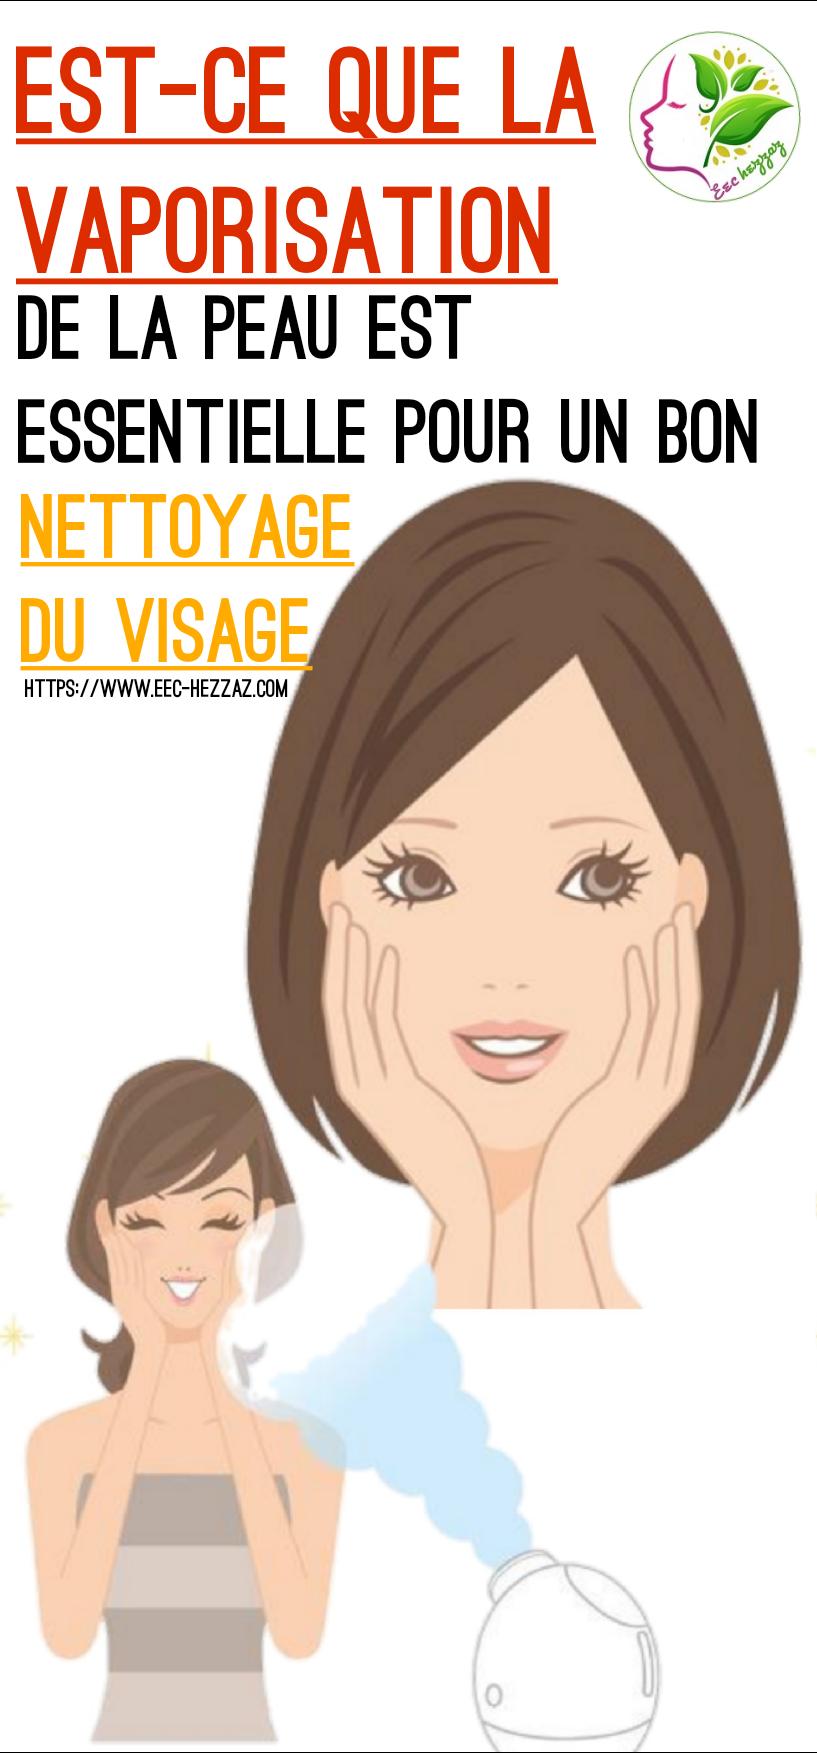 Est-ce que la vaporisation de la peau est essentielle pour un bon nettoyage du visage